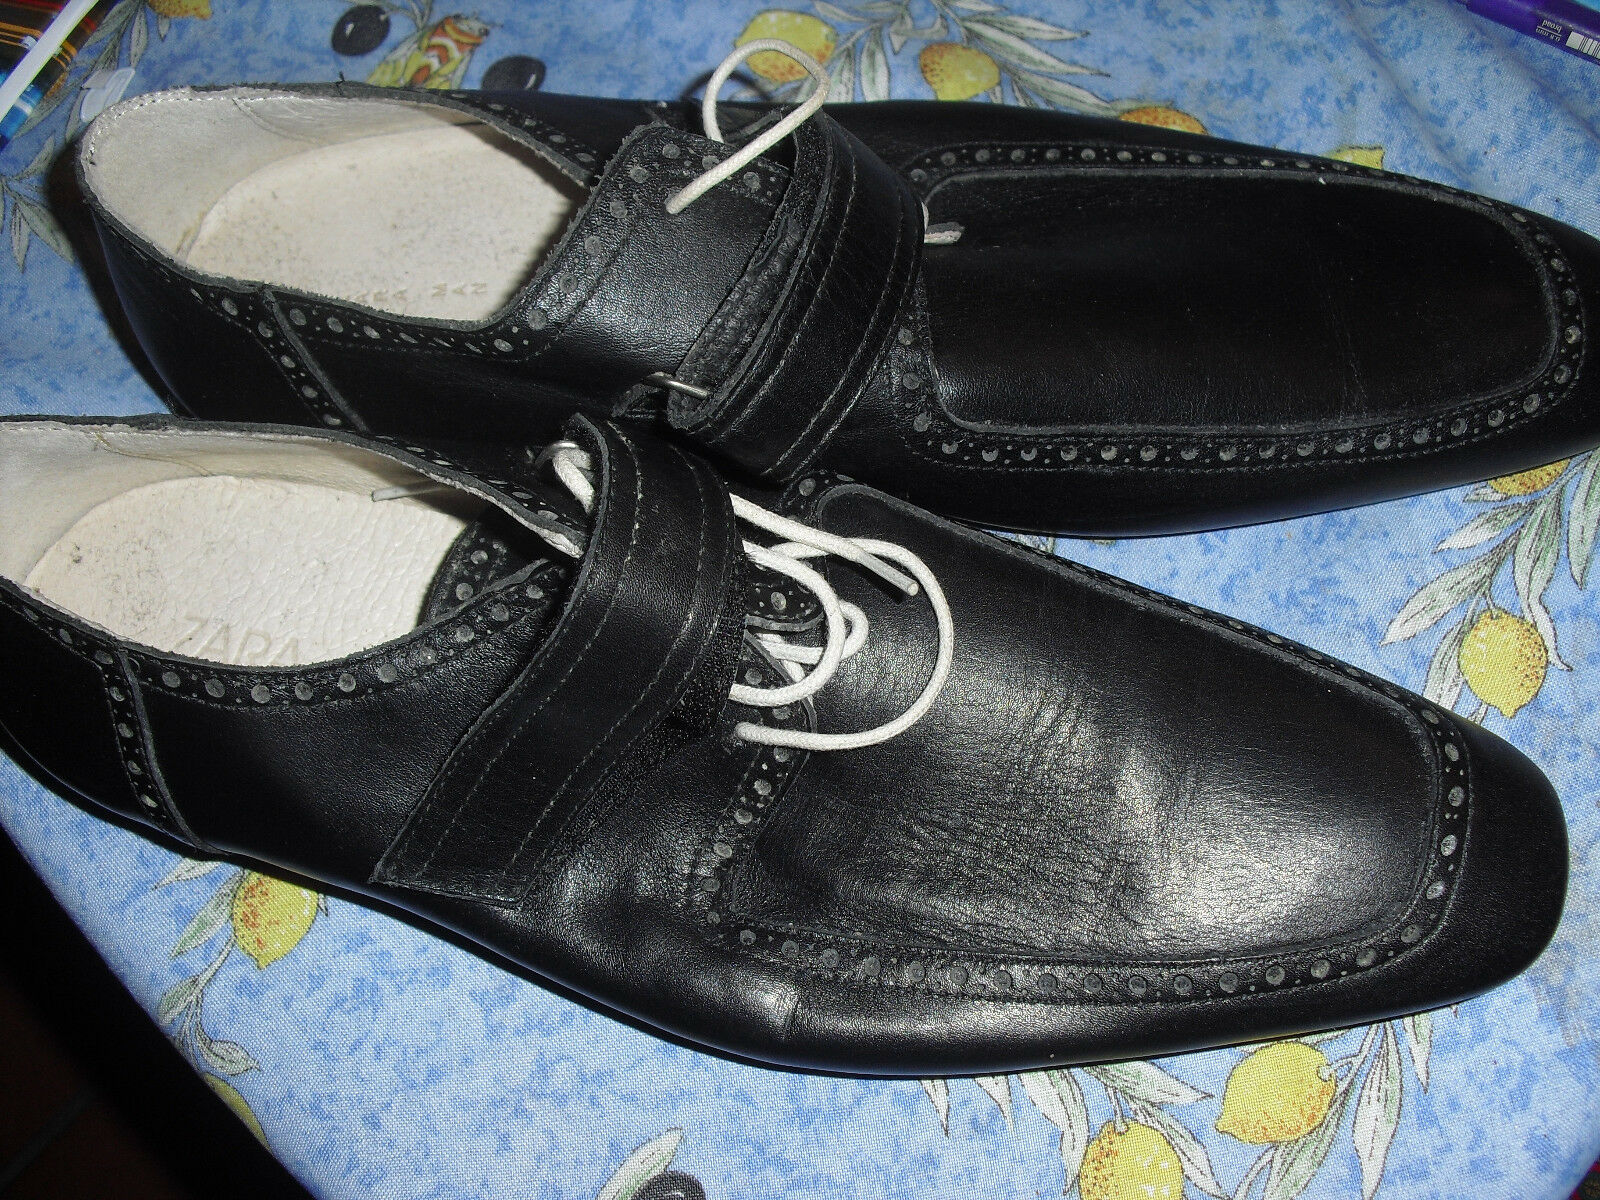 Superschicke schwarze weißen Lederschuhe Gr 45 mit weißen schwarze Schnürsenkeln, neu! 5b56cc